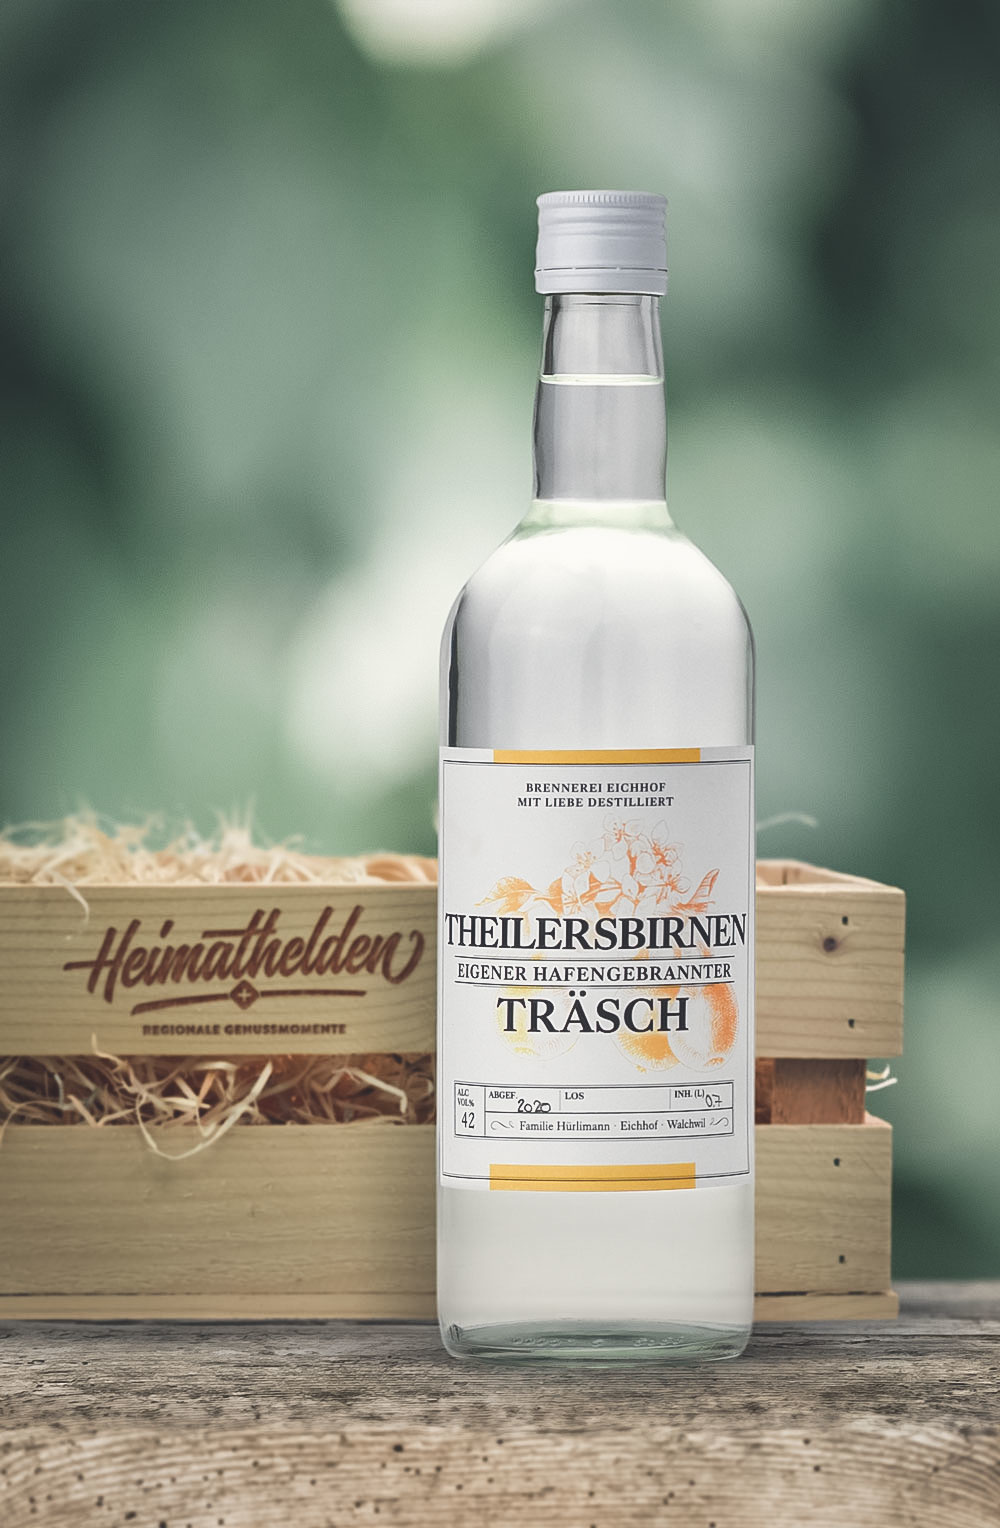 Theilersbirnen Träsch 70cl in stilvoller Geschenk-Holzharasse-1